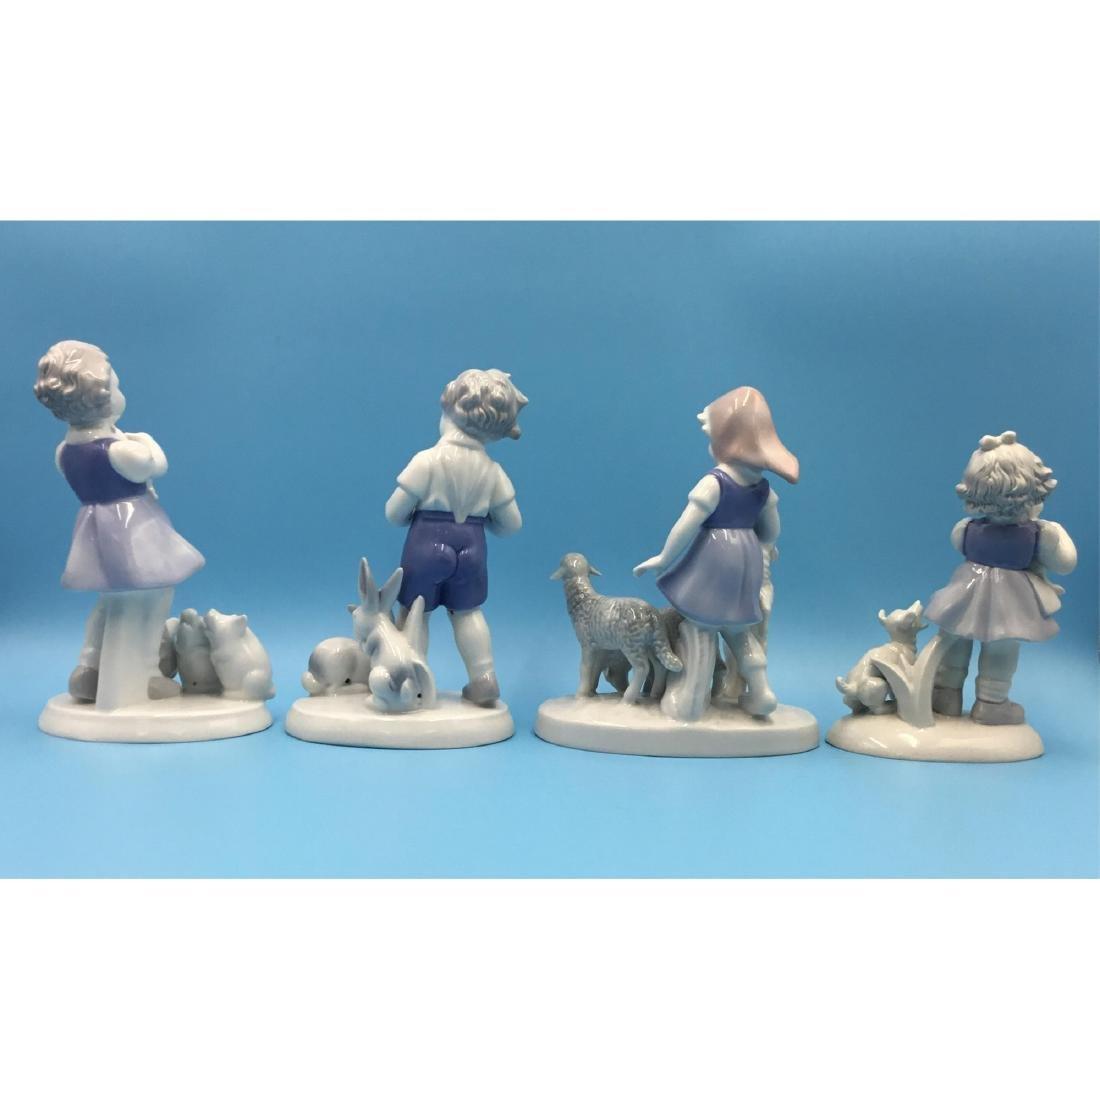 GROUP OF 4 GEROLD BAVARIA PORCELAIN FIGURINES - 3